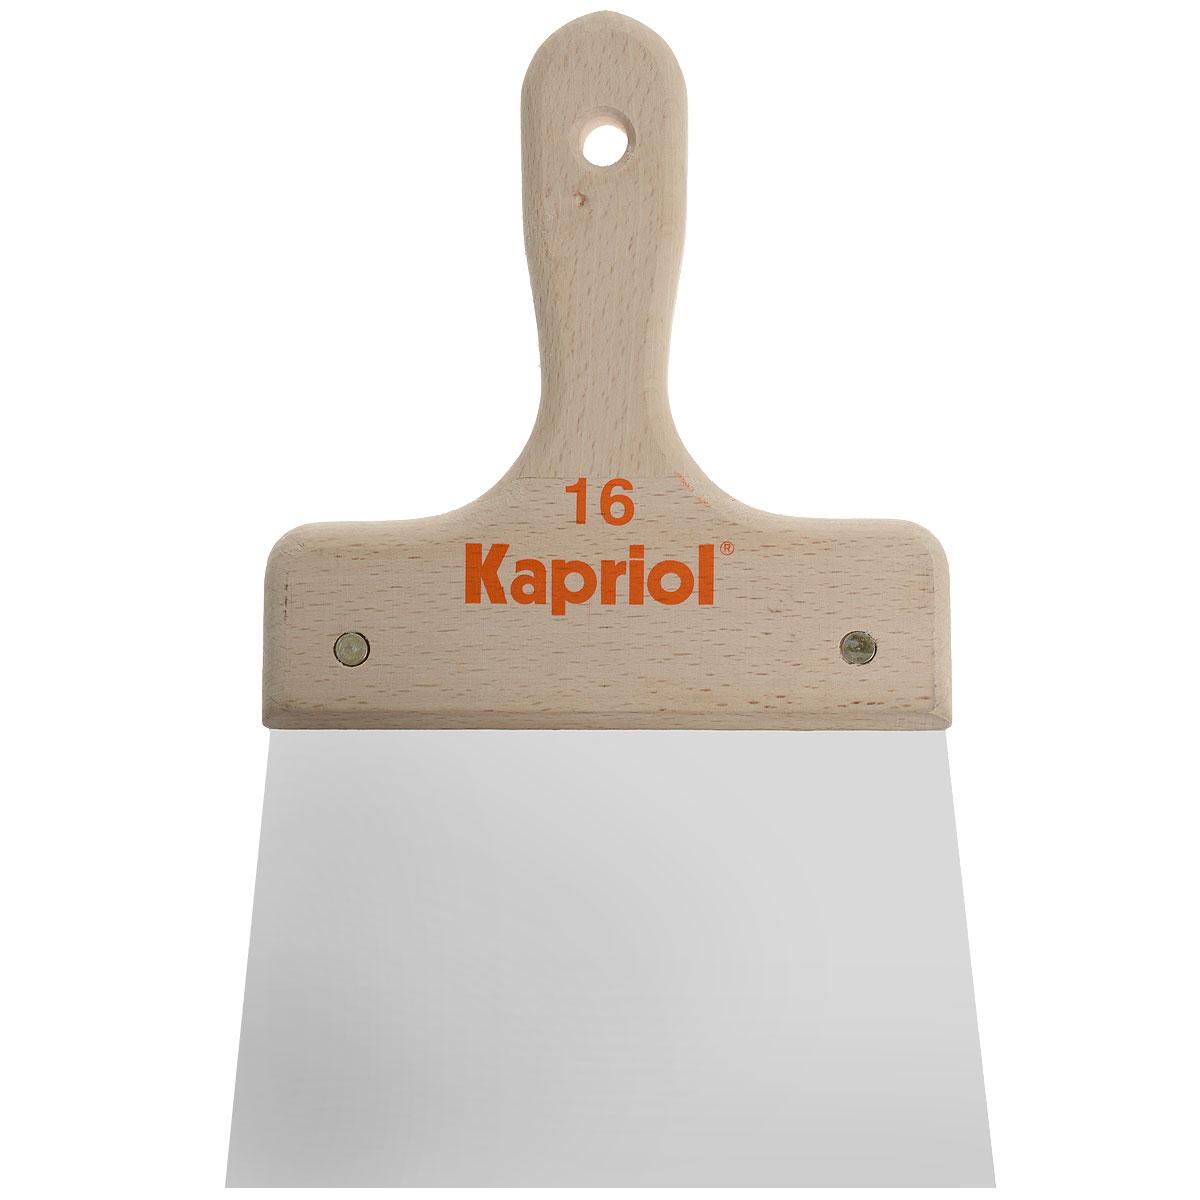 Шпатель полужесткий Kapriol, с деревянной ручкой, 16 см kapriol 100 мм 23203 жесткий кованый полированный шпатель